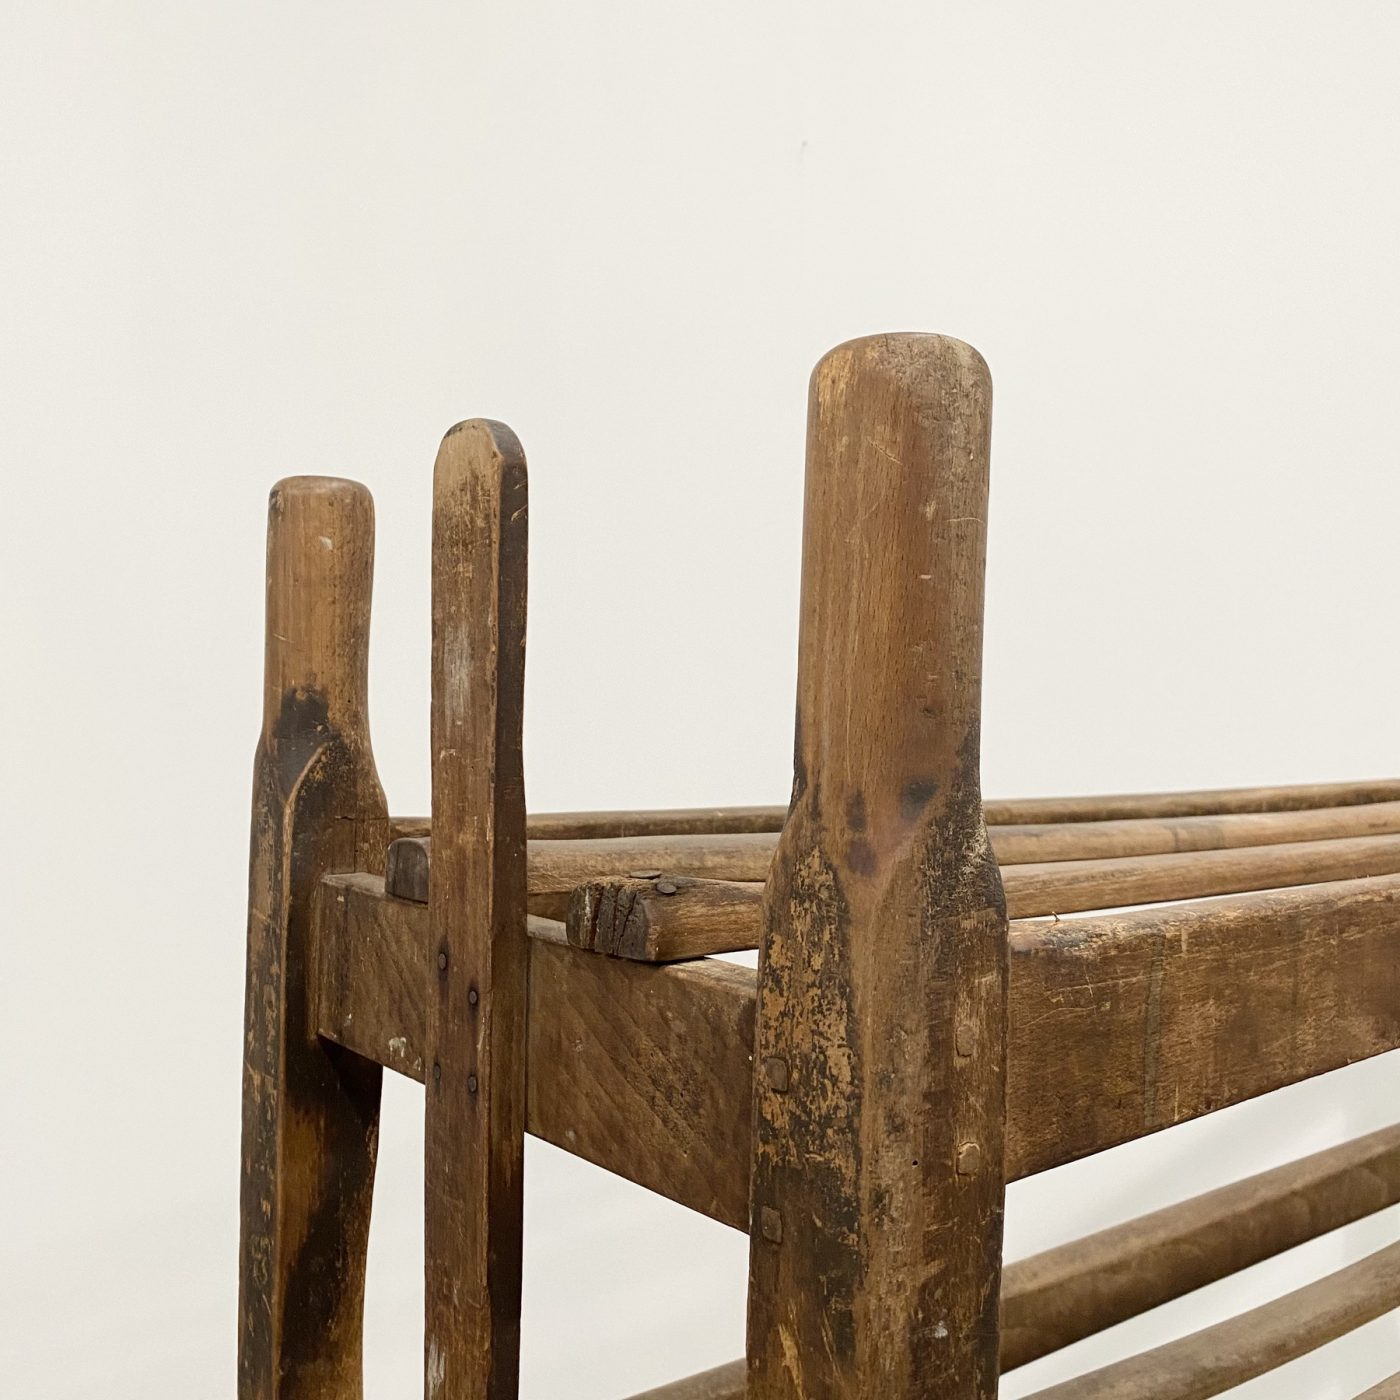 objet-vagabond-bakery-rack0002